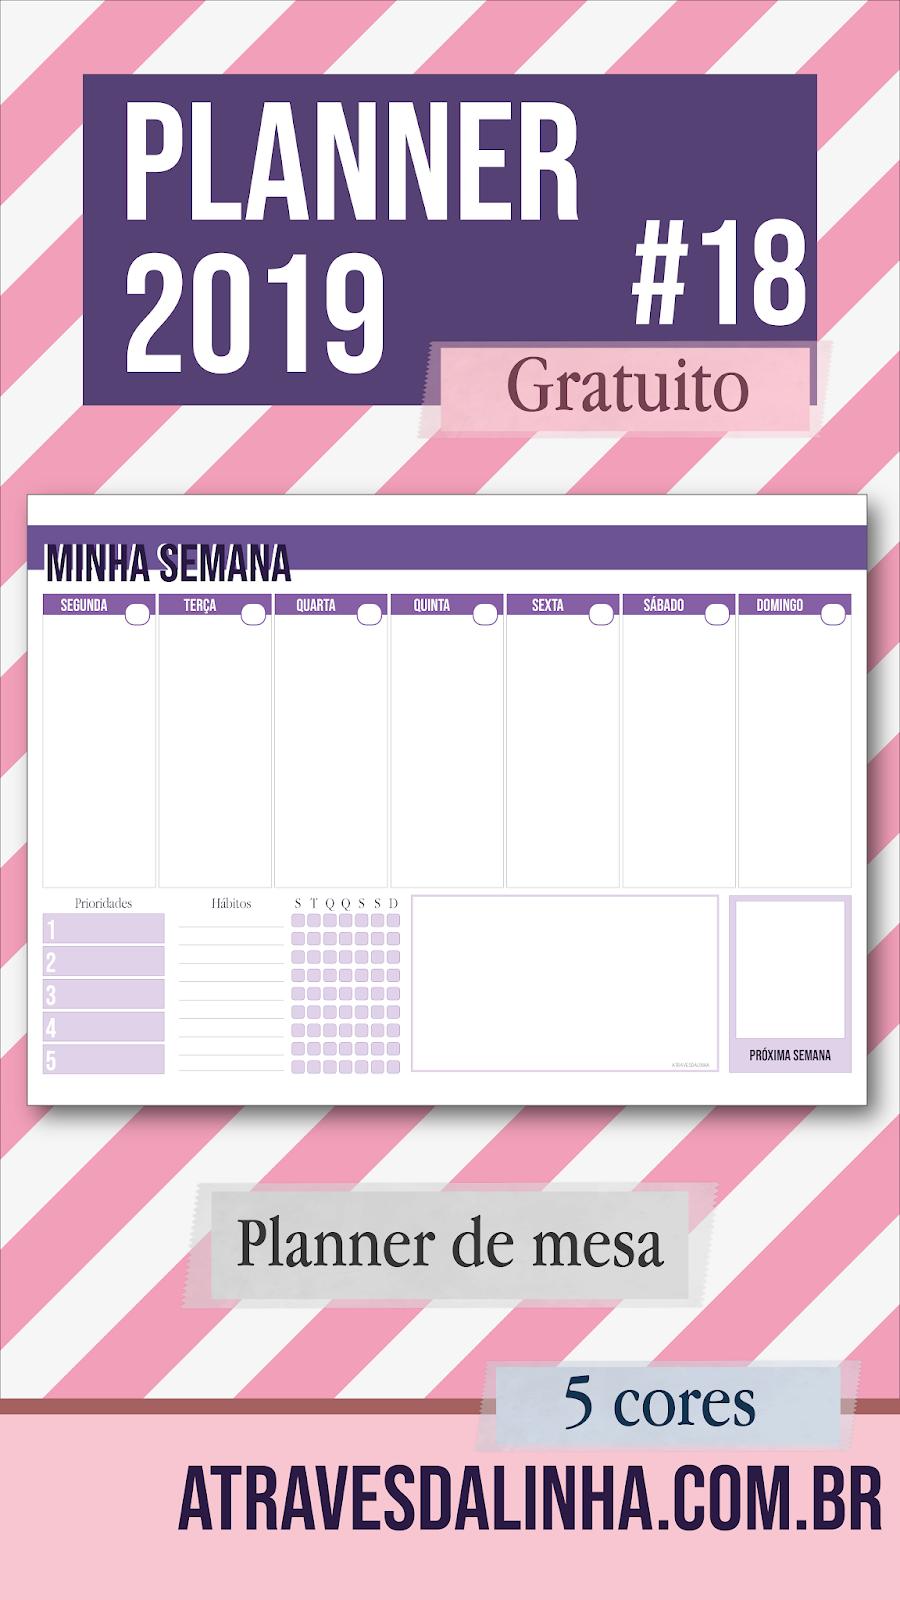 b0debc51b Planner 2019 #18: semanal de mesa (gratuito para download) | Agendas ...